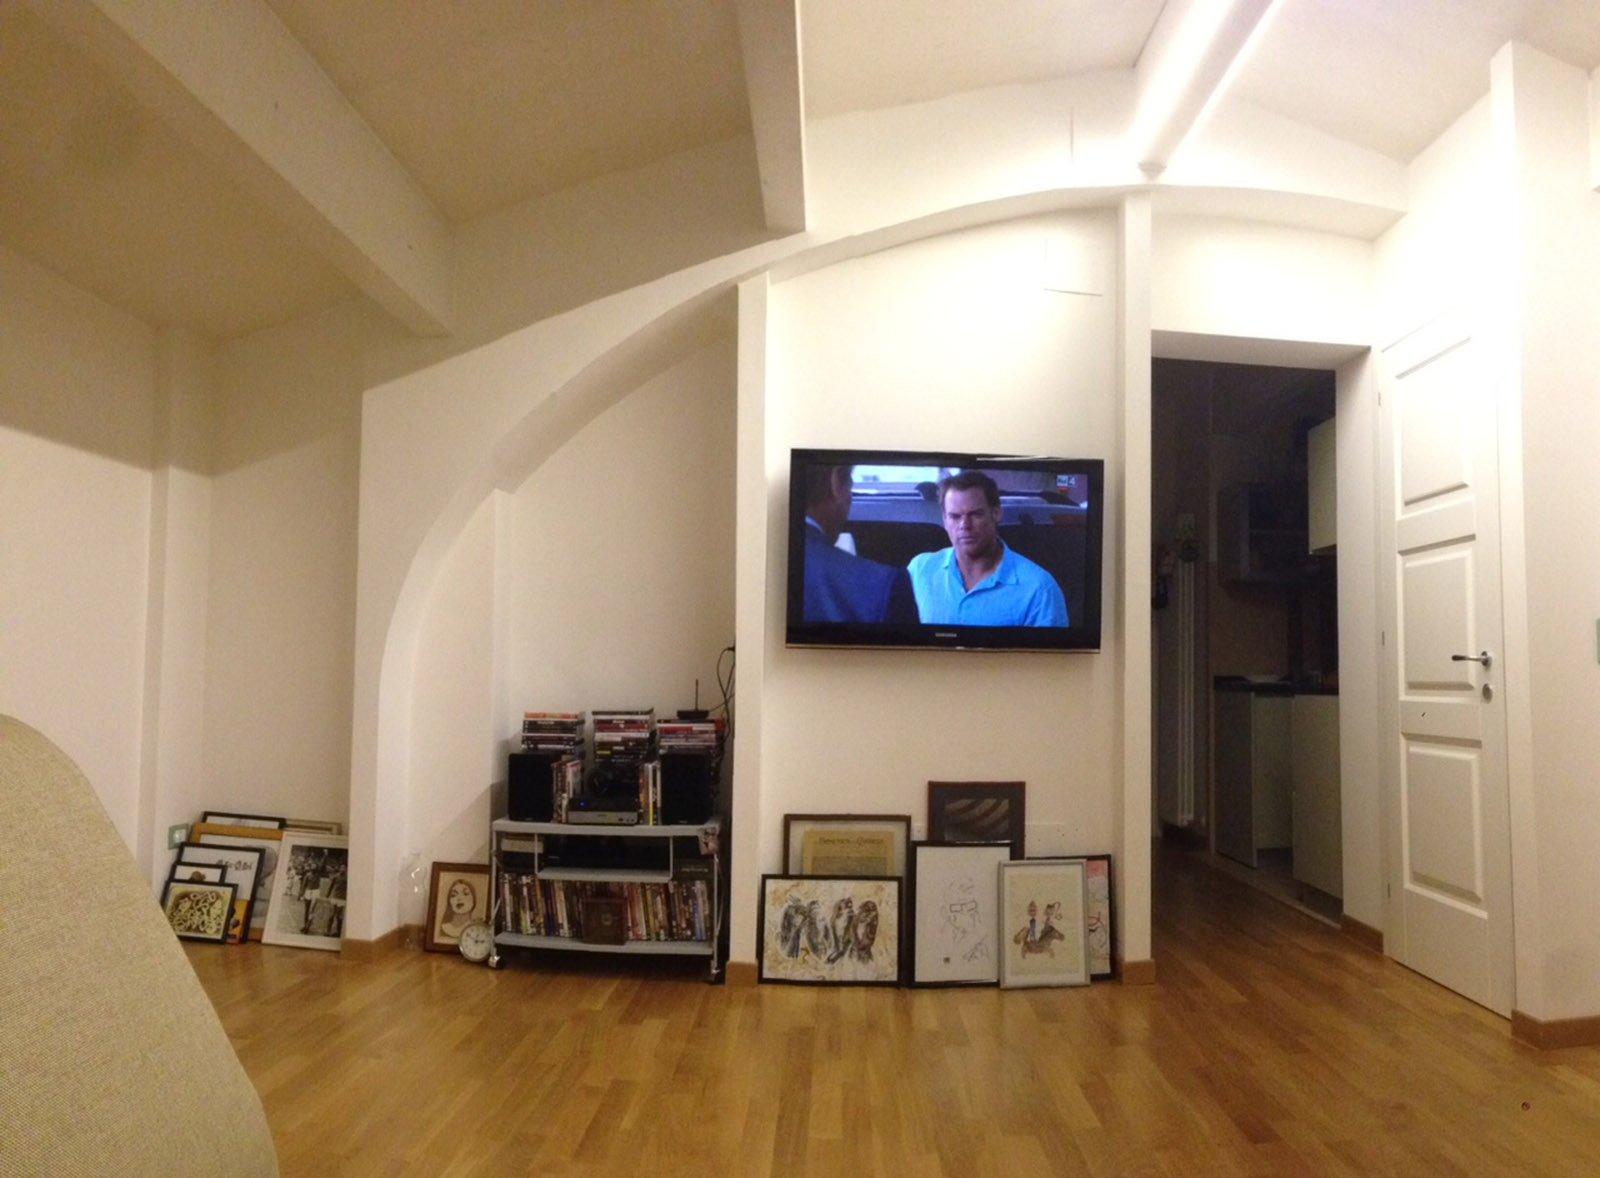 Come attrezzare una parete irregolare con libreria e tv? - Cose di Casa